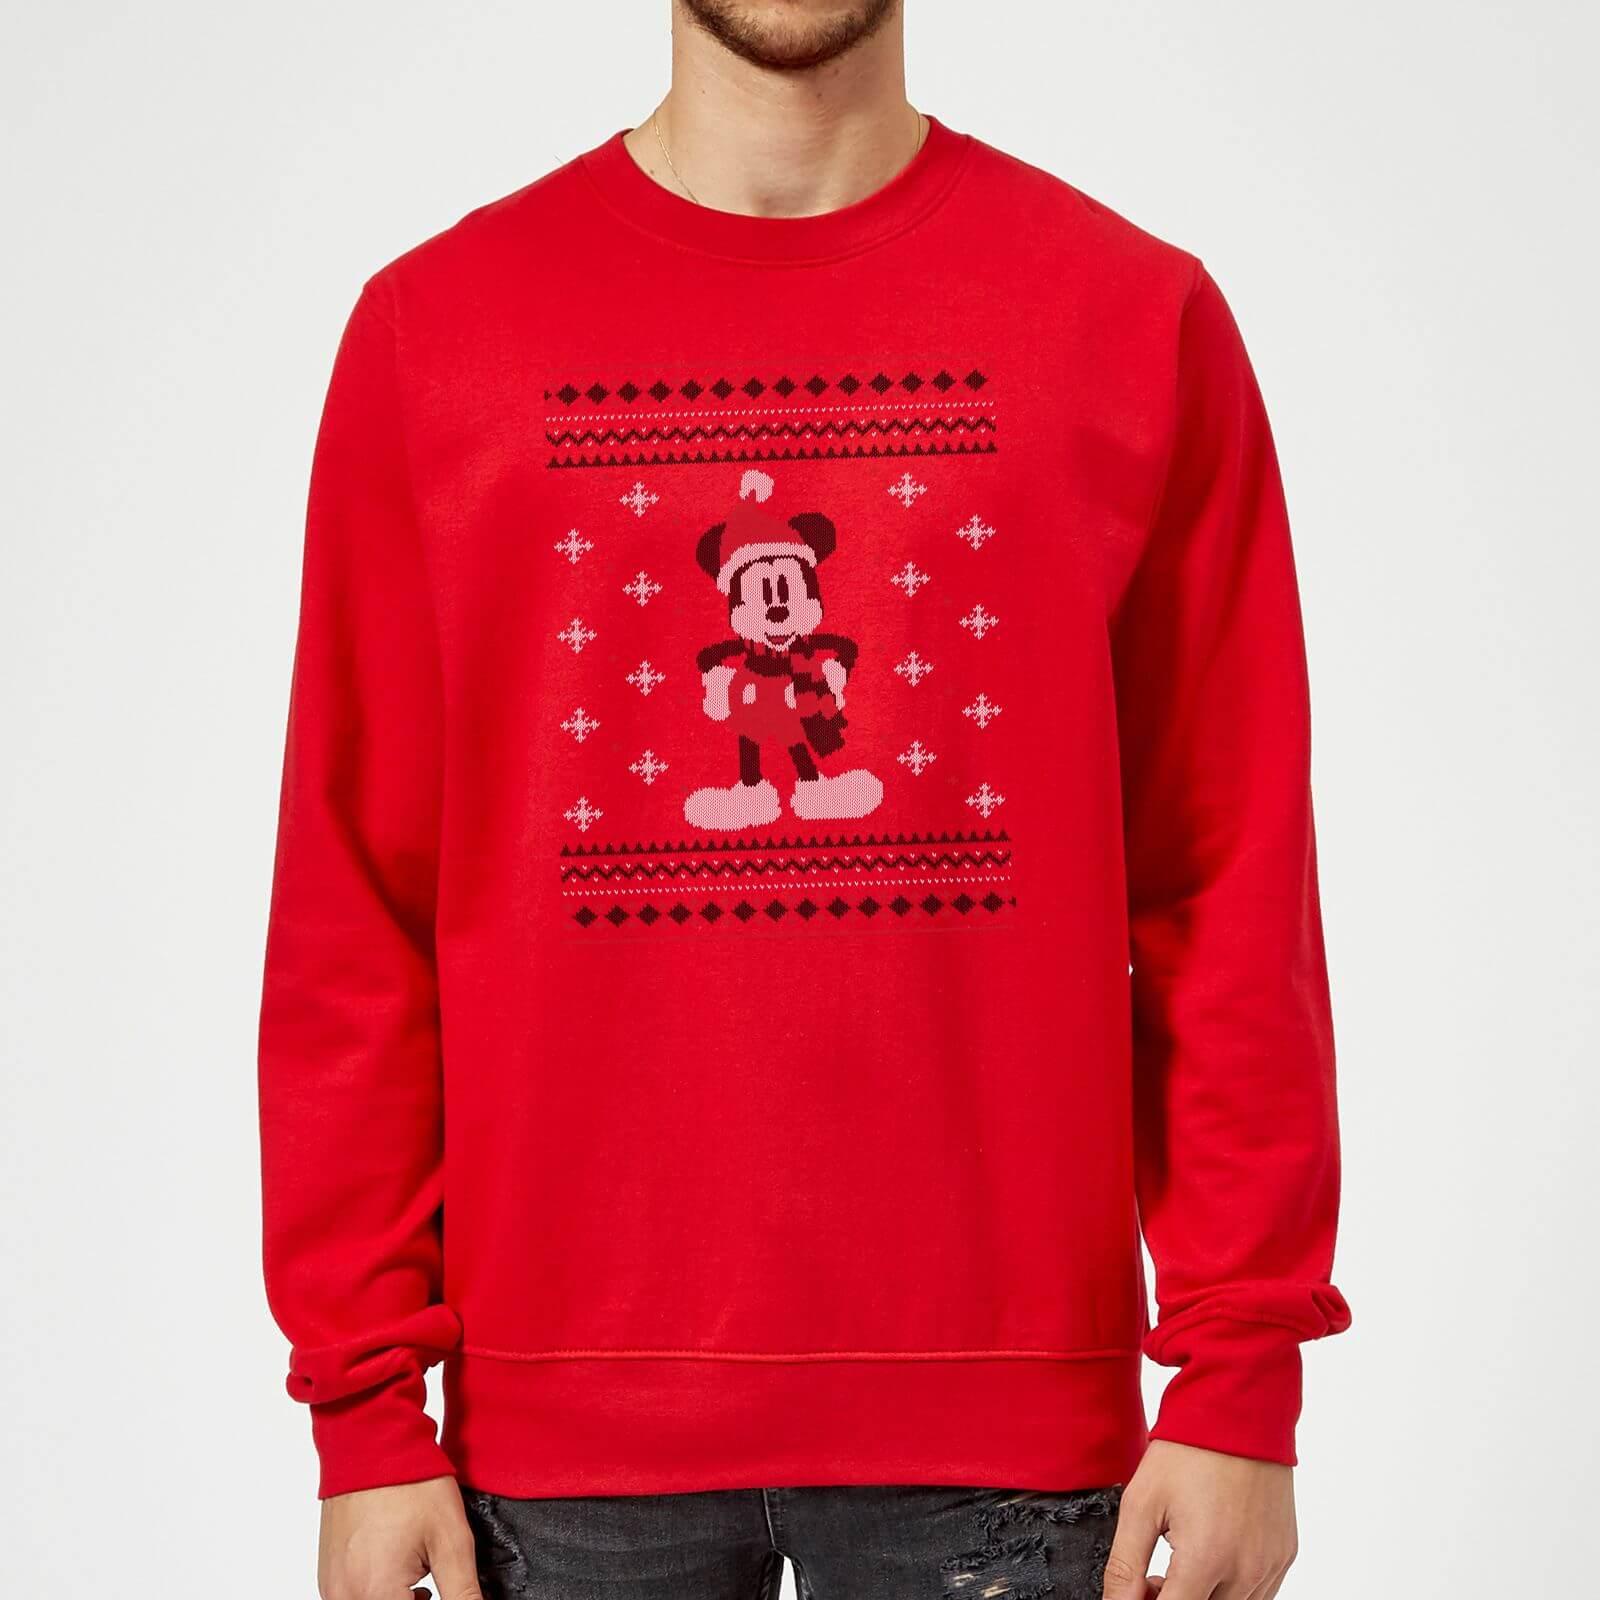 nuevo estilo 25679 06e8d Sudadera Navidad Disney Mickey Mouse